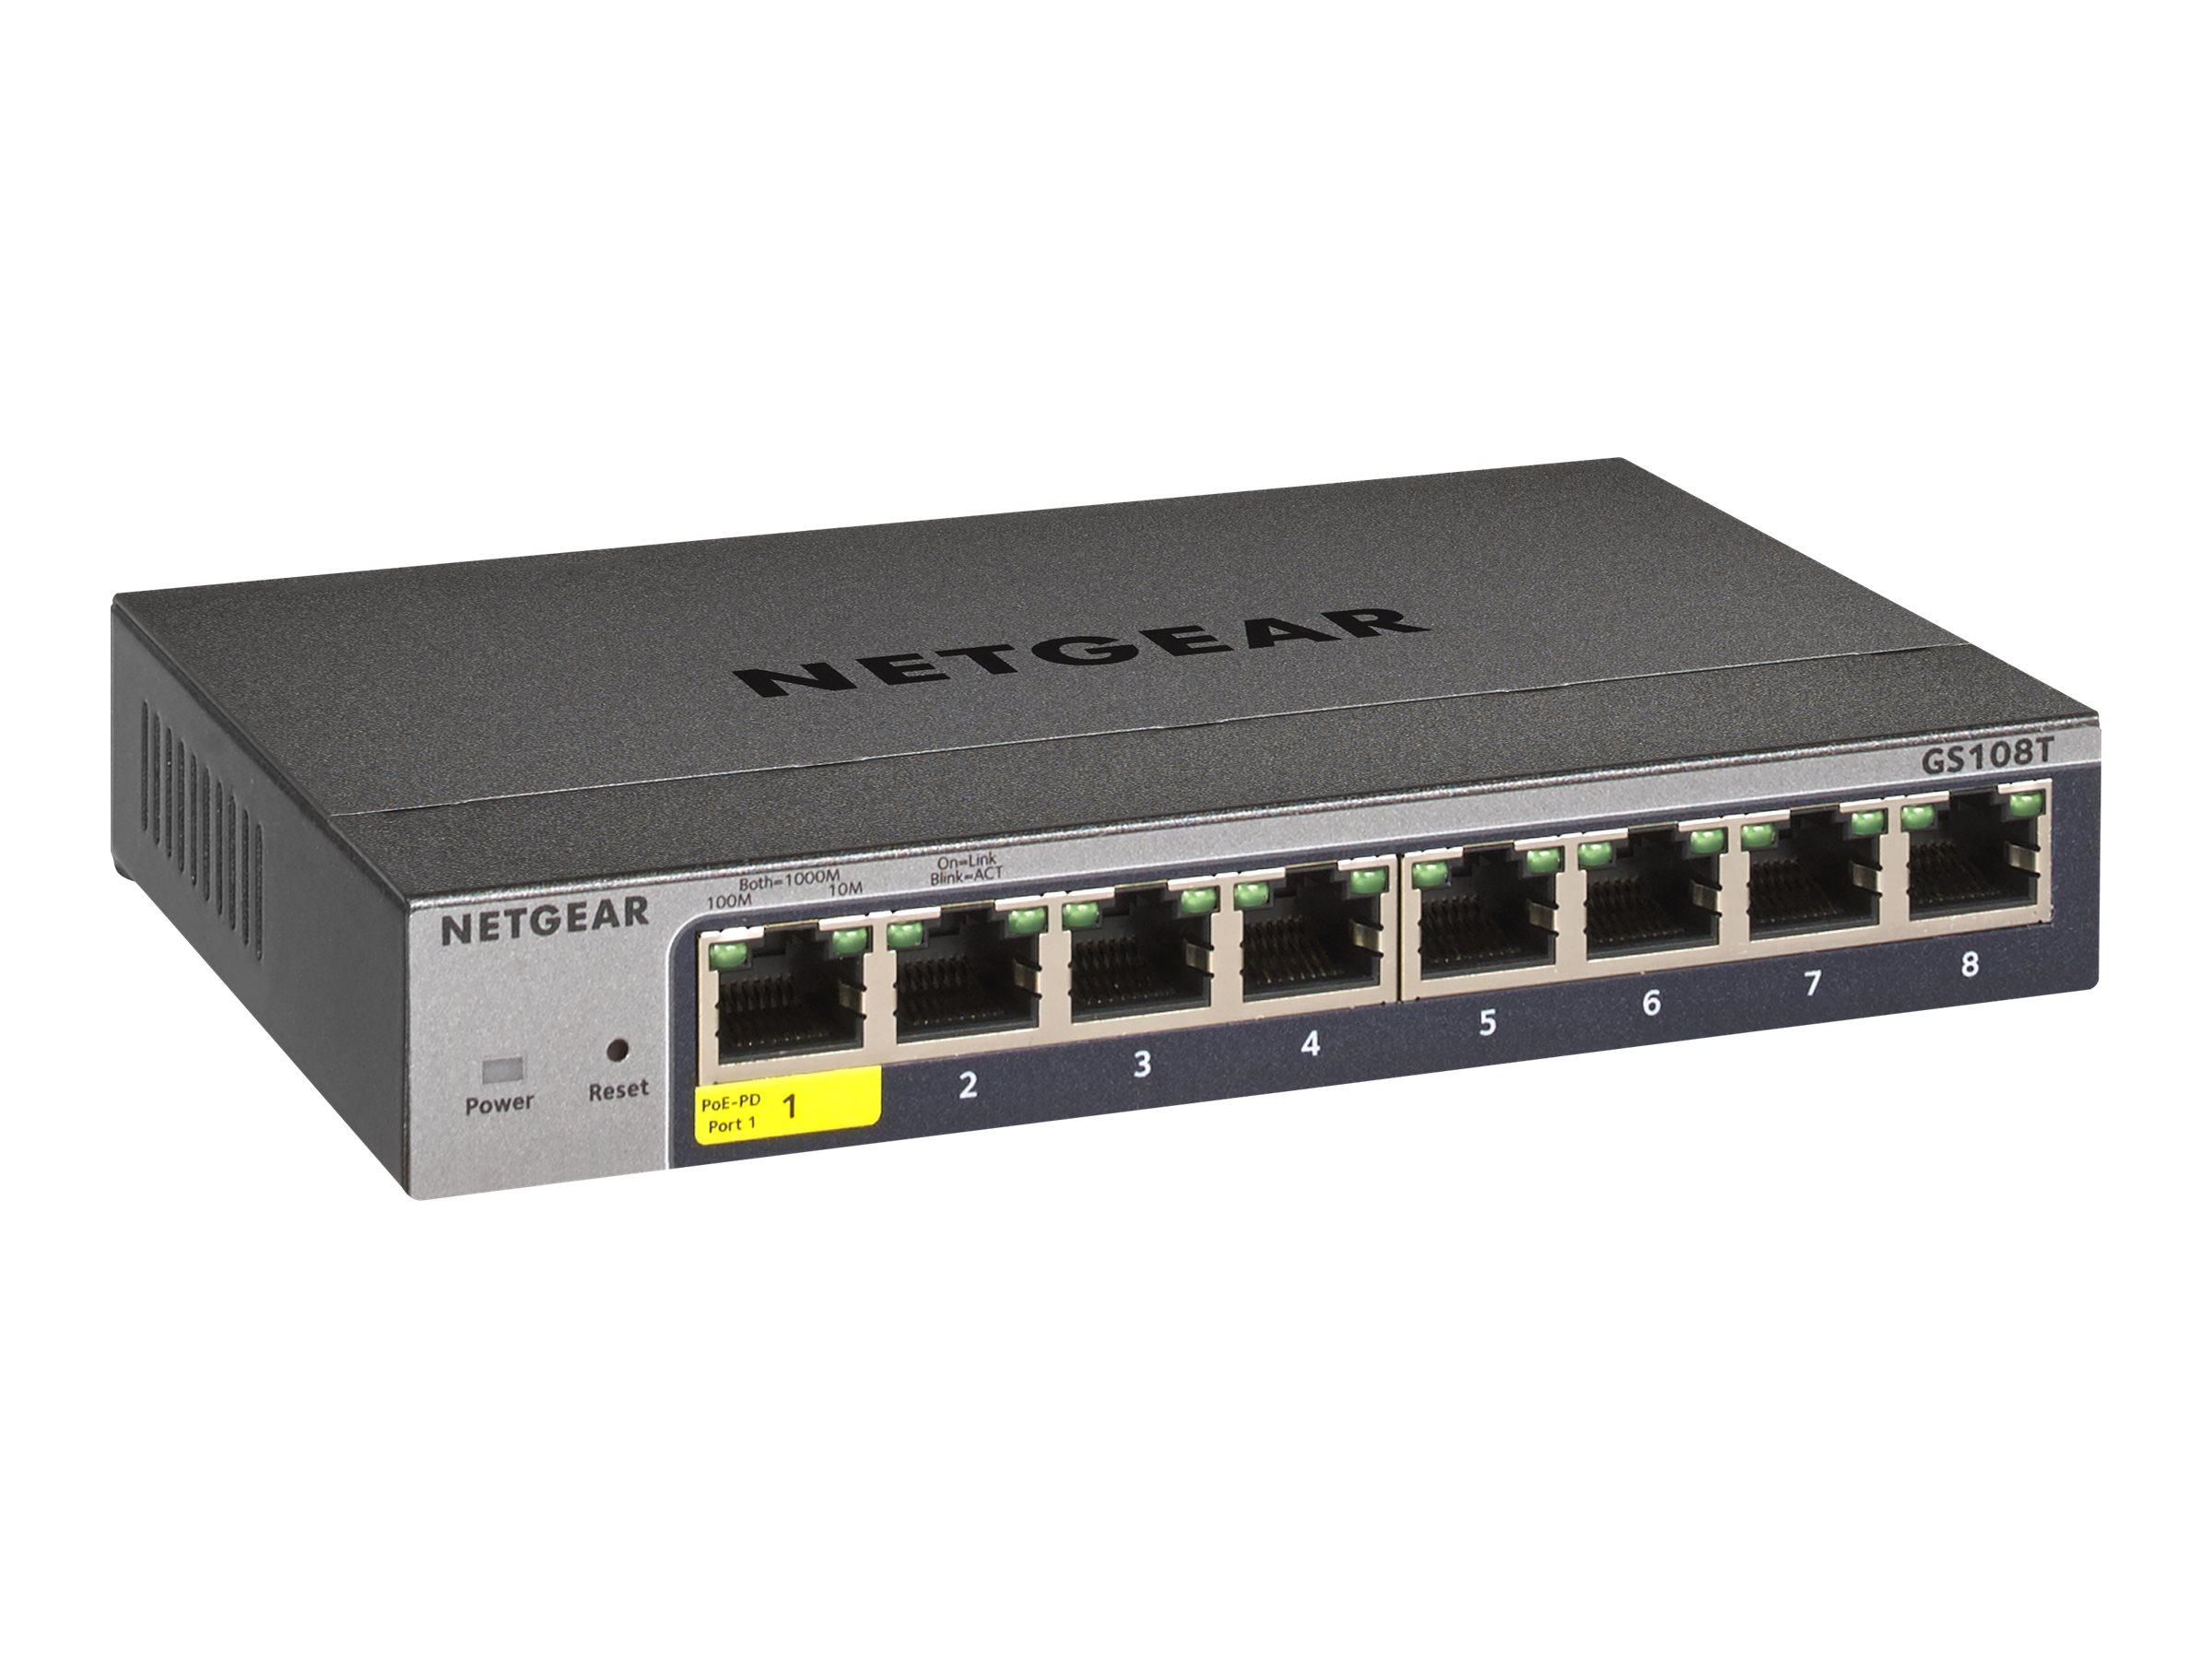 Netgear Pro GS108Tv3 - Switch - Smart - 8 x 10/100/1000